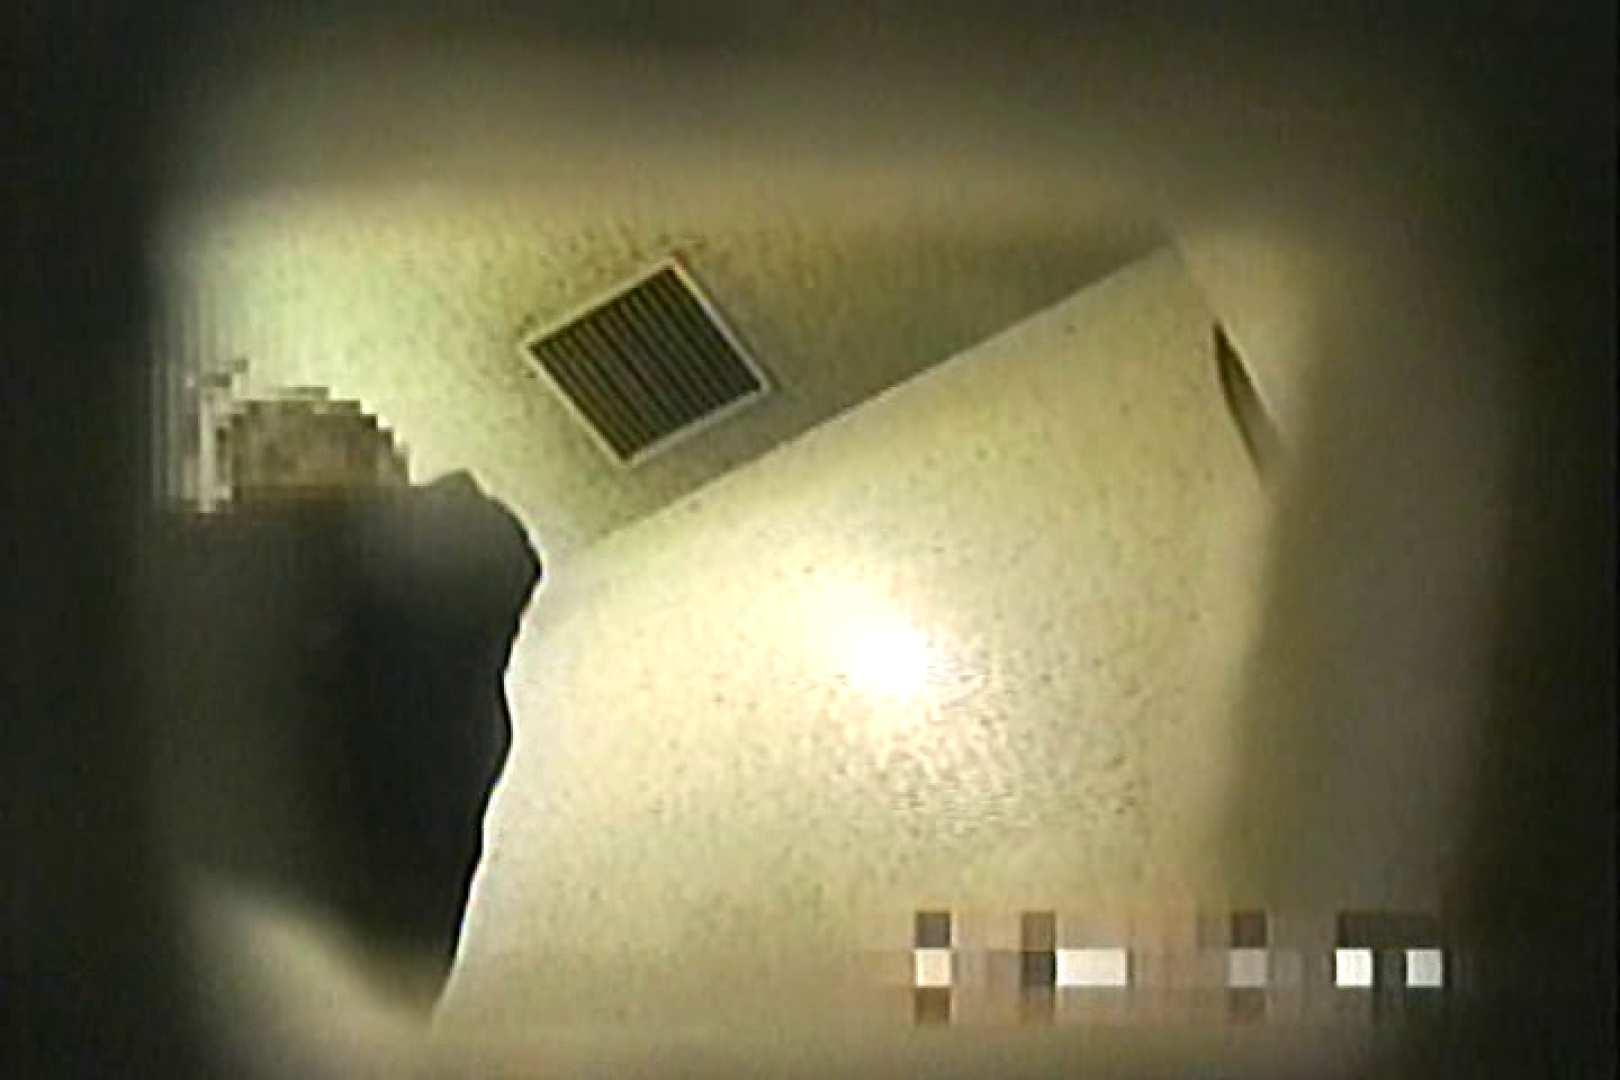 女子洗面所盗撮 今度の2カメは若い子だらけ  TK-127 ギャル のぞき動画画像 73PIX 62